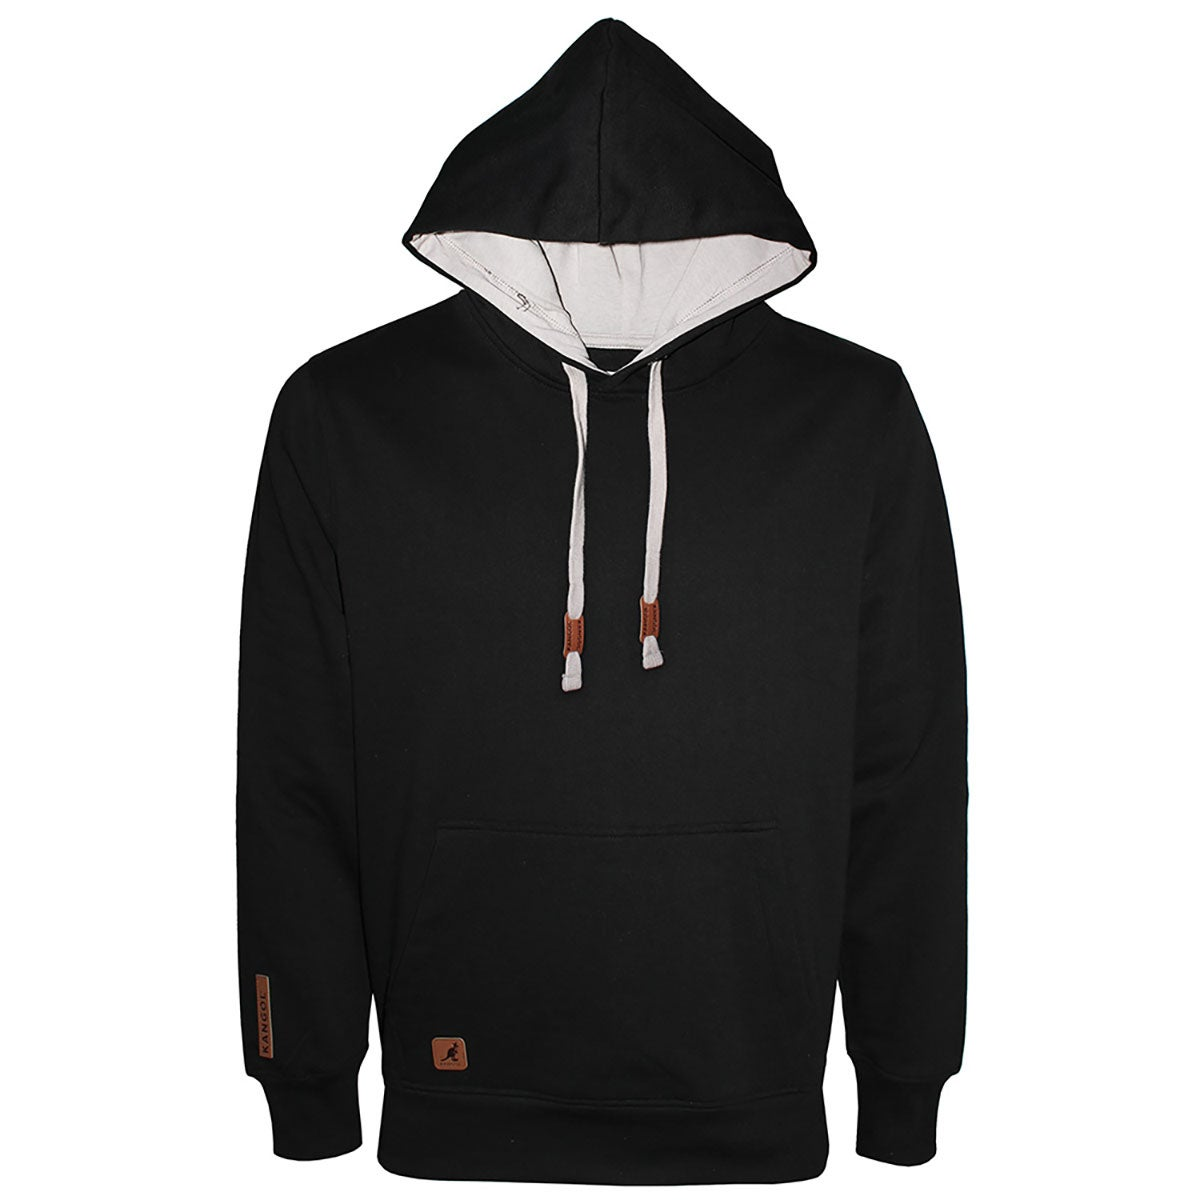 Kangol WKND Hoodie in Black